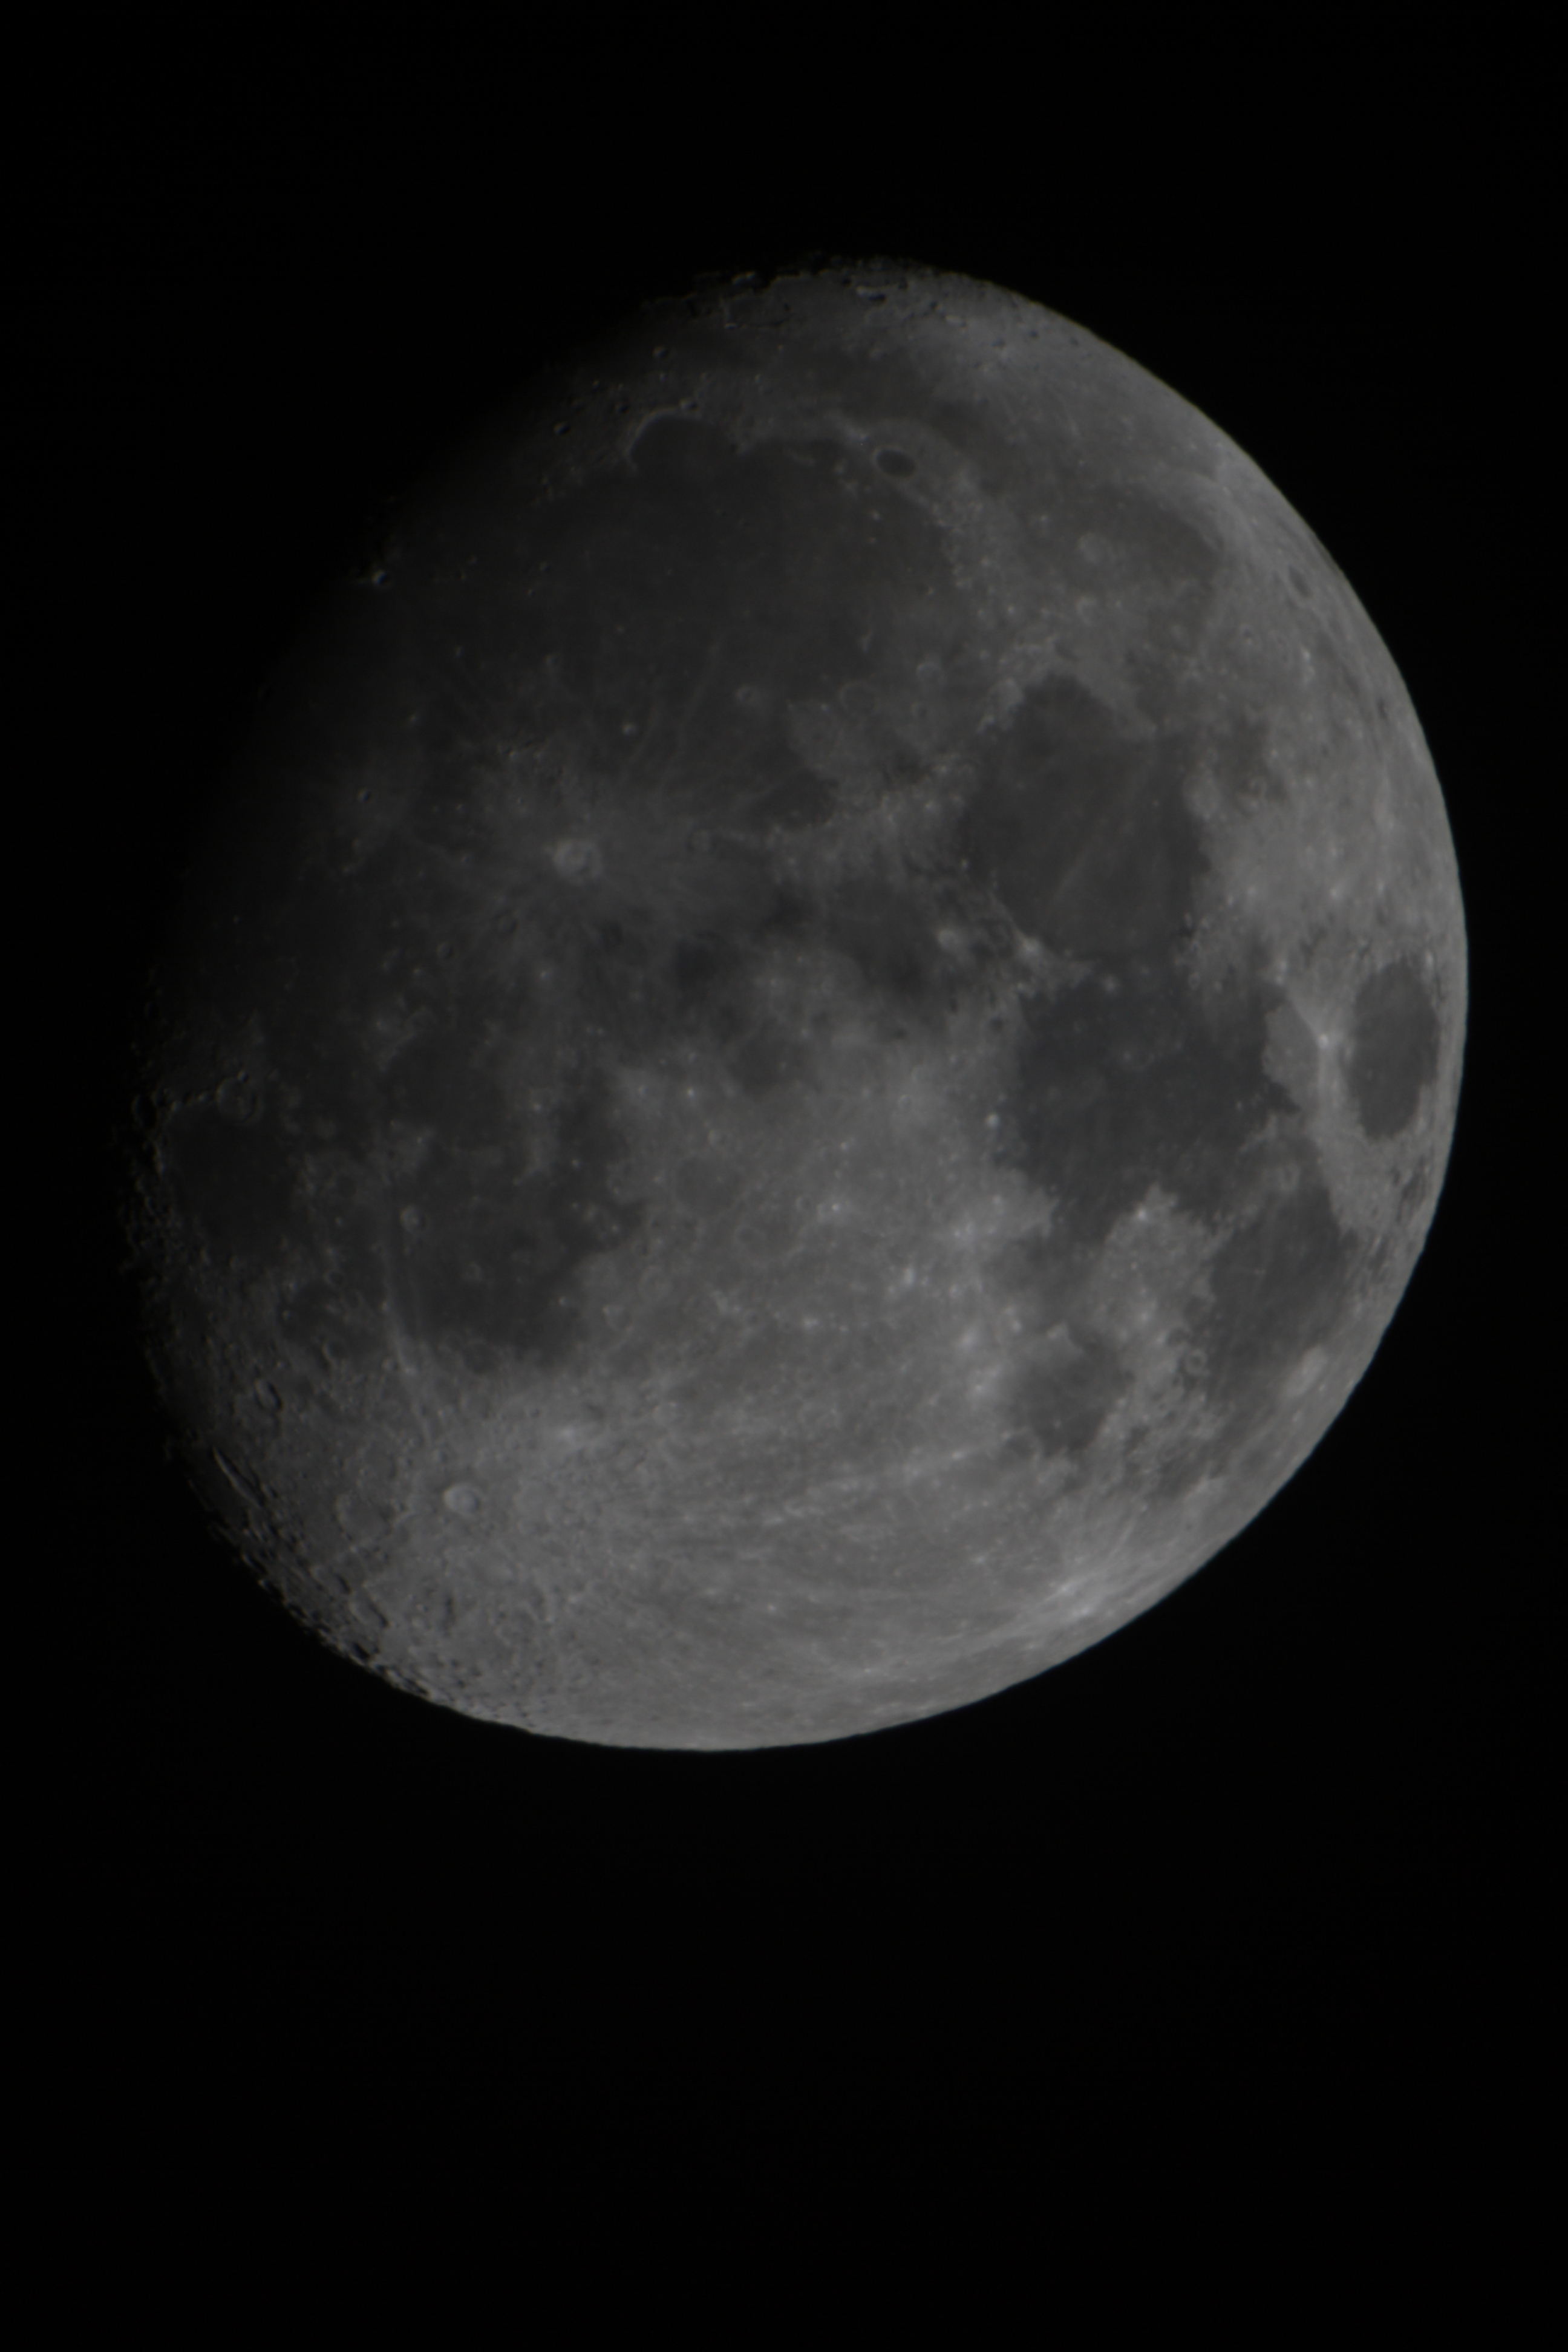 moon_31102017_21UT_600mm_edref_2xapo_barlow_f14_eos1000D_1_50s_iso100_jdanielsson_IMG_0059-1.jpg